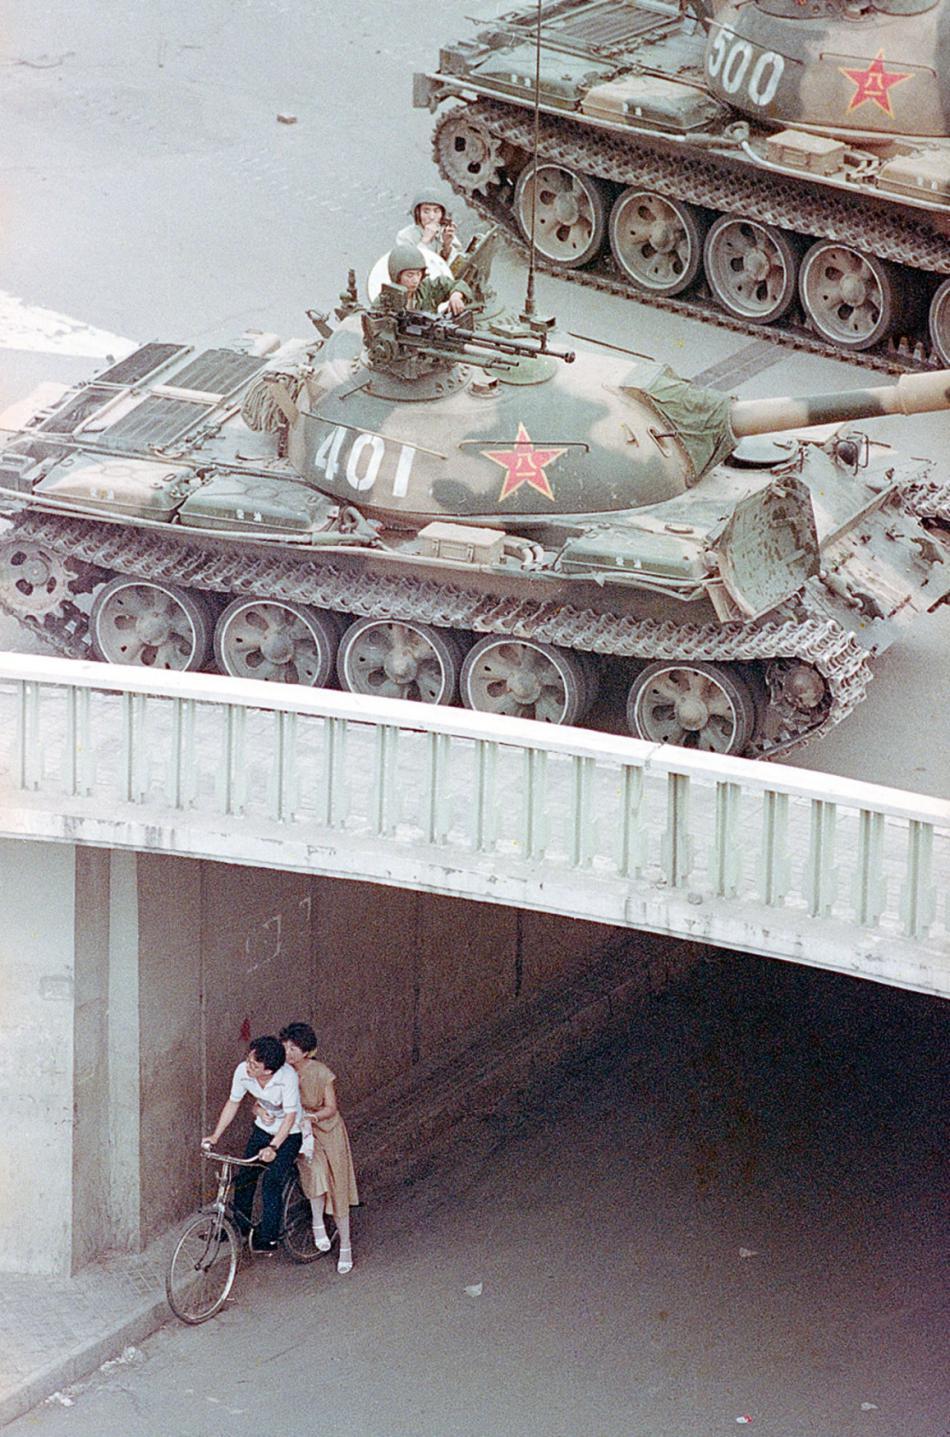 Pár mladých lidí se kryje pod mostem, Peking 1989